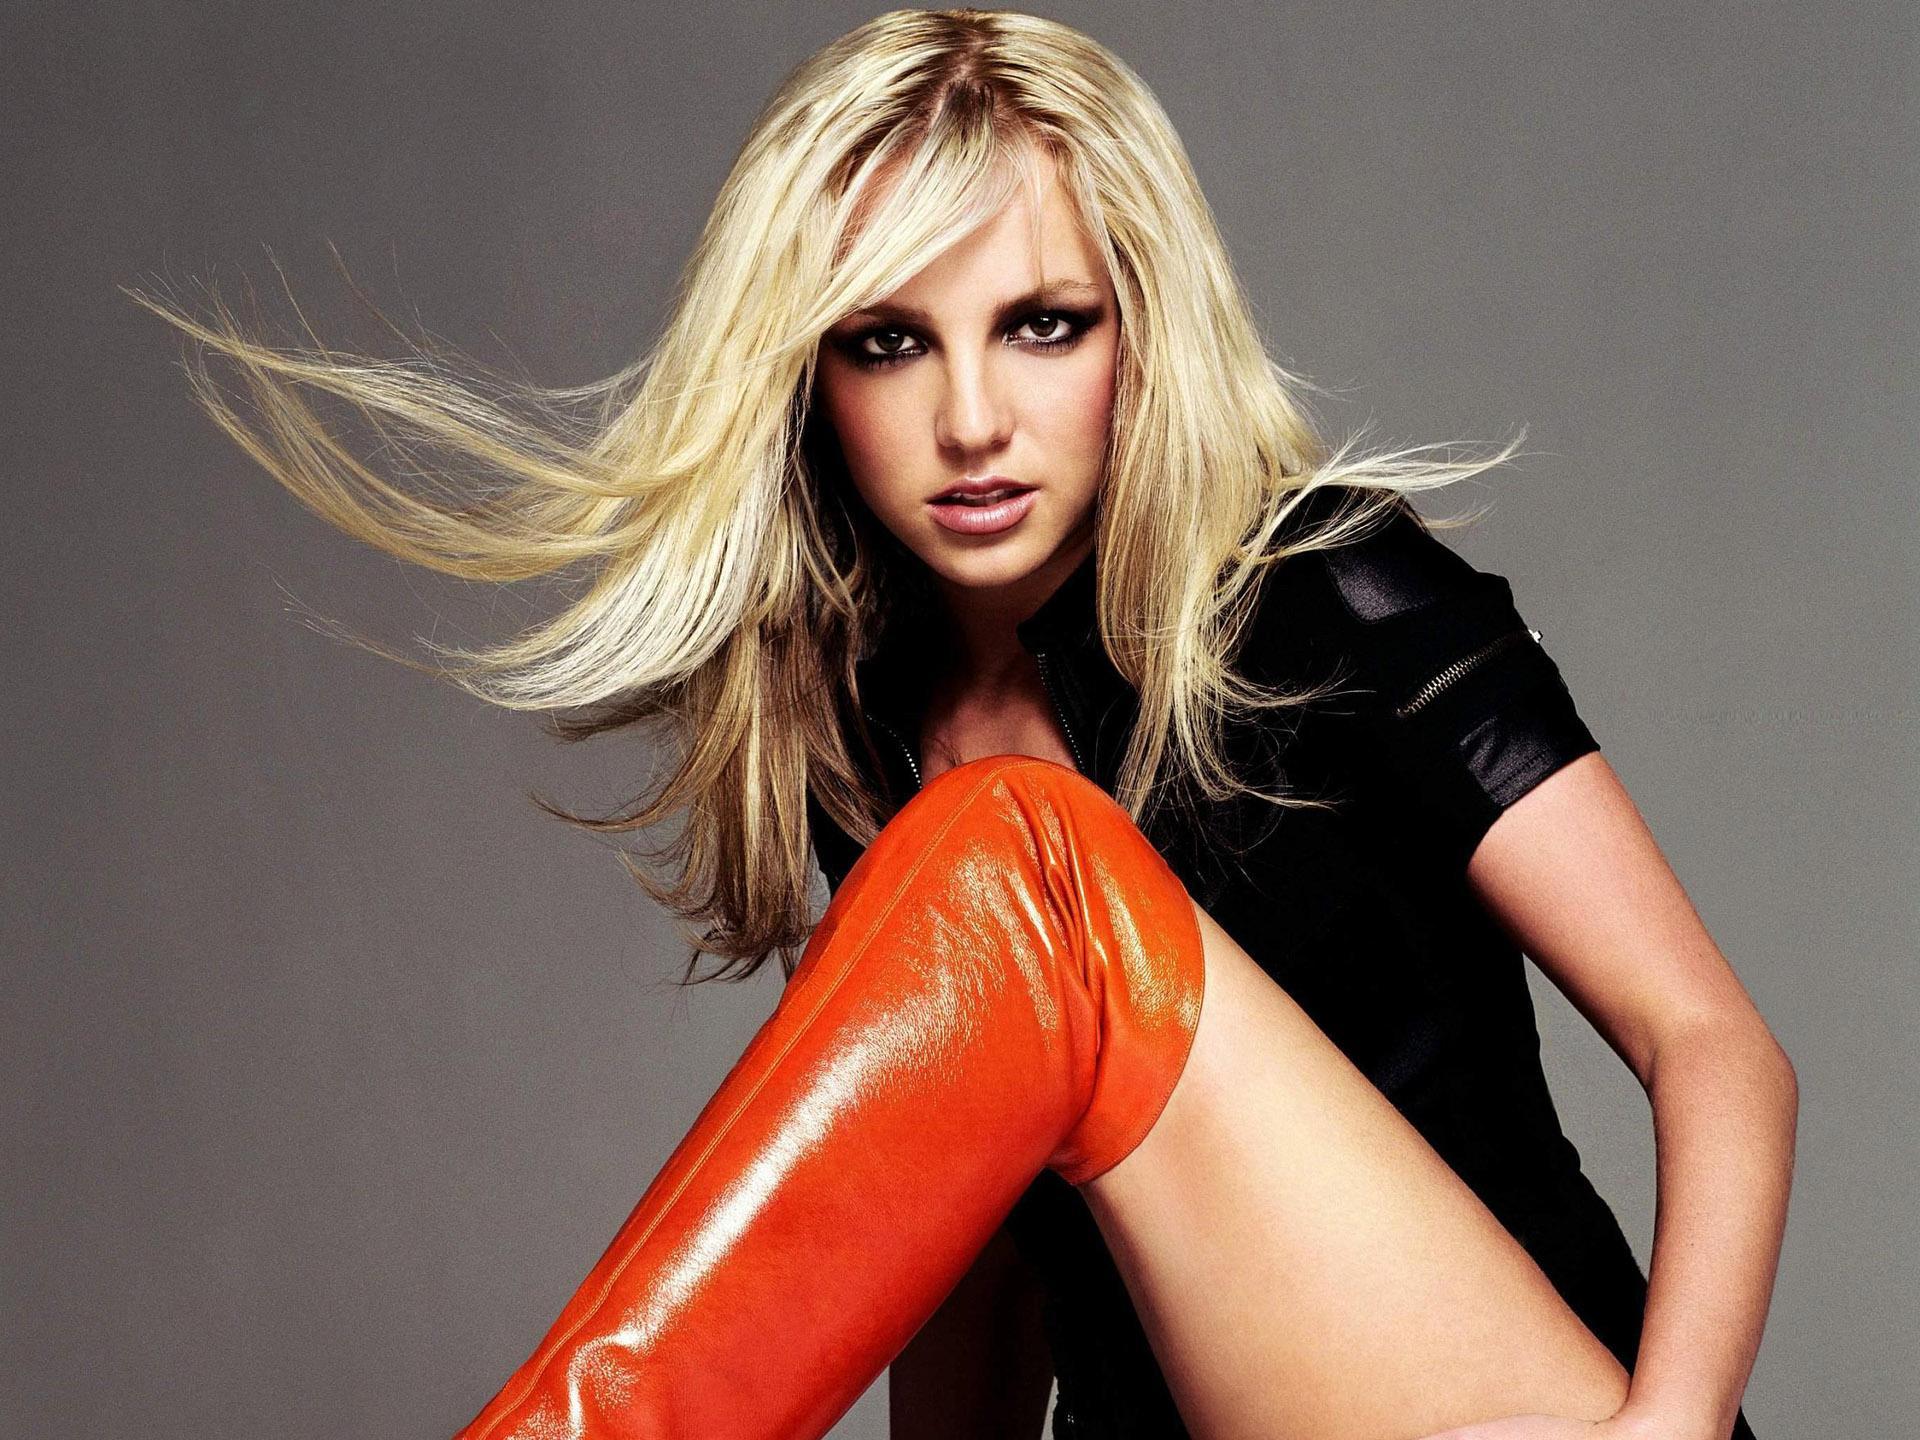 Бритни Спирс (Britney Spears) фото - ThePlace